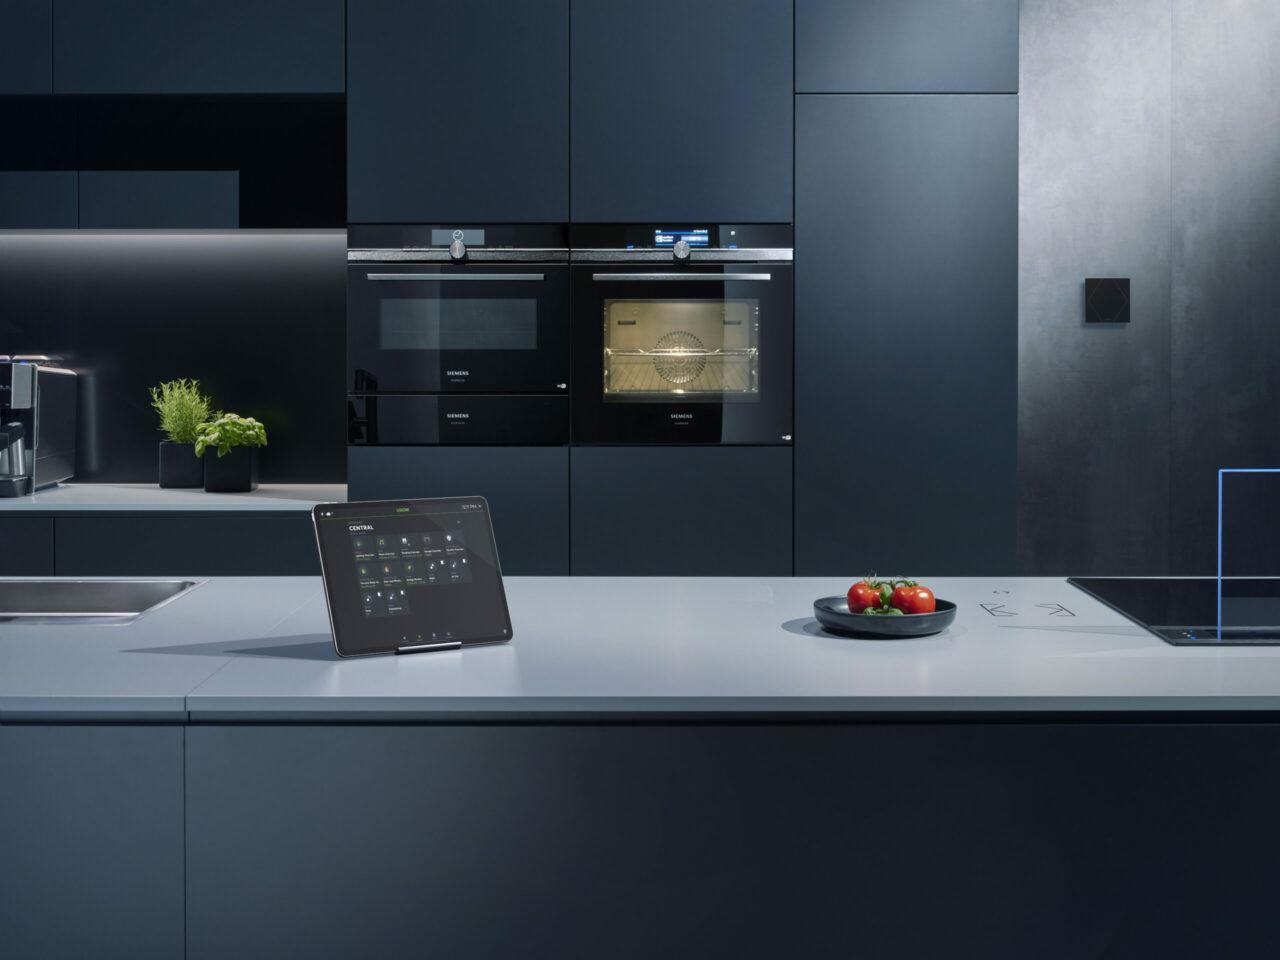 Smartes Doppel - Die neue Home Connect Schnittstelle verbindet smarte Haushaltsgeräte von Siemens mit der intelligenten Gebäudeautomation von Loxone